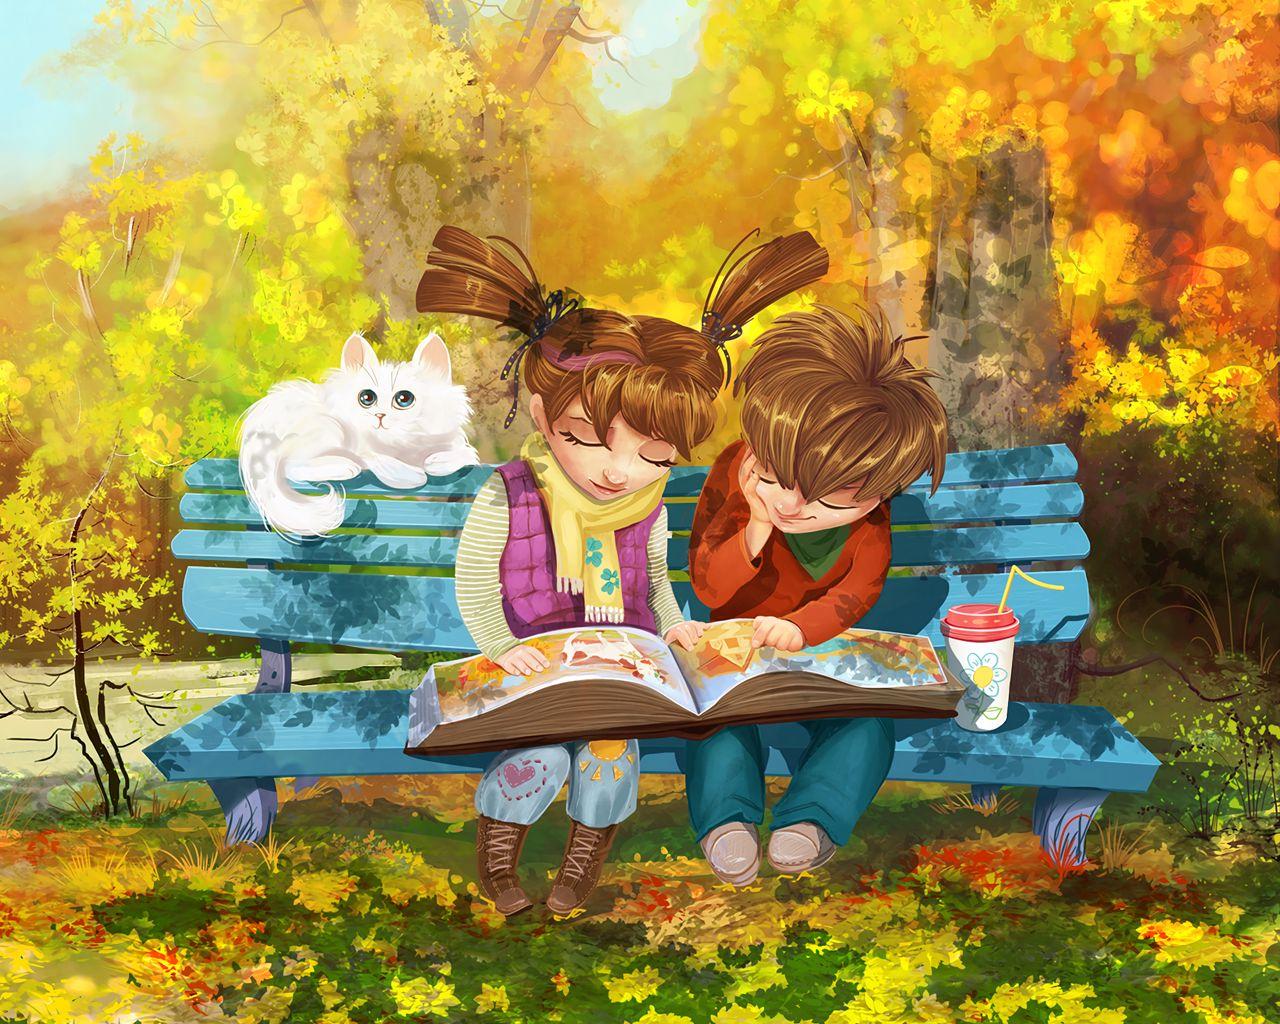 1280x1024 Wallpaper boy, girl, cat, bench, park, cute